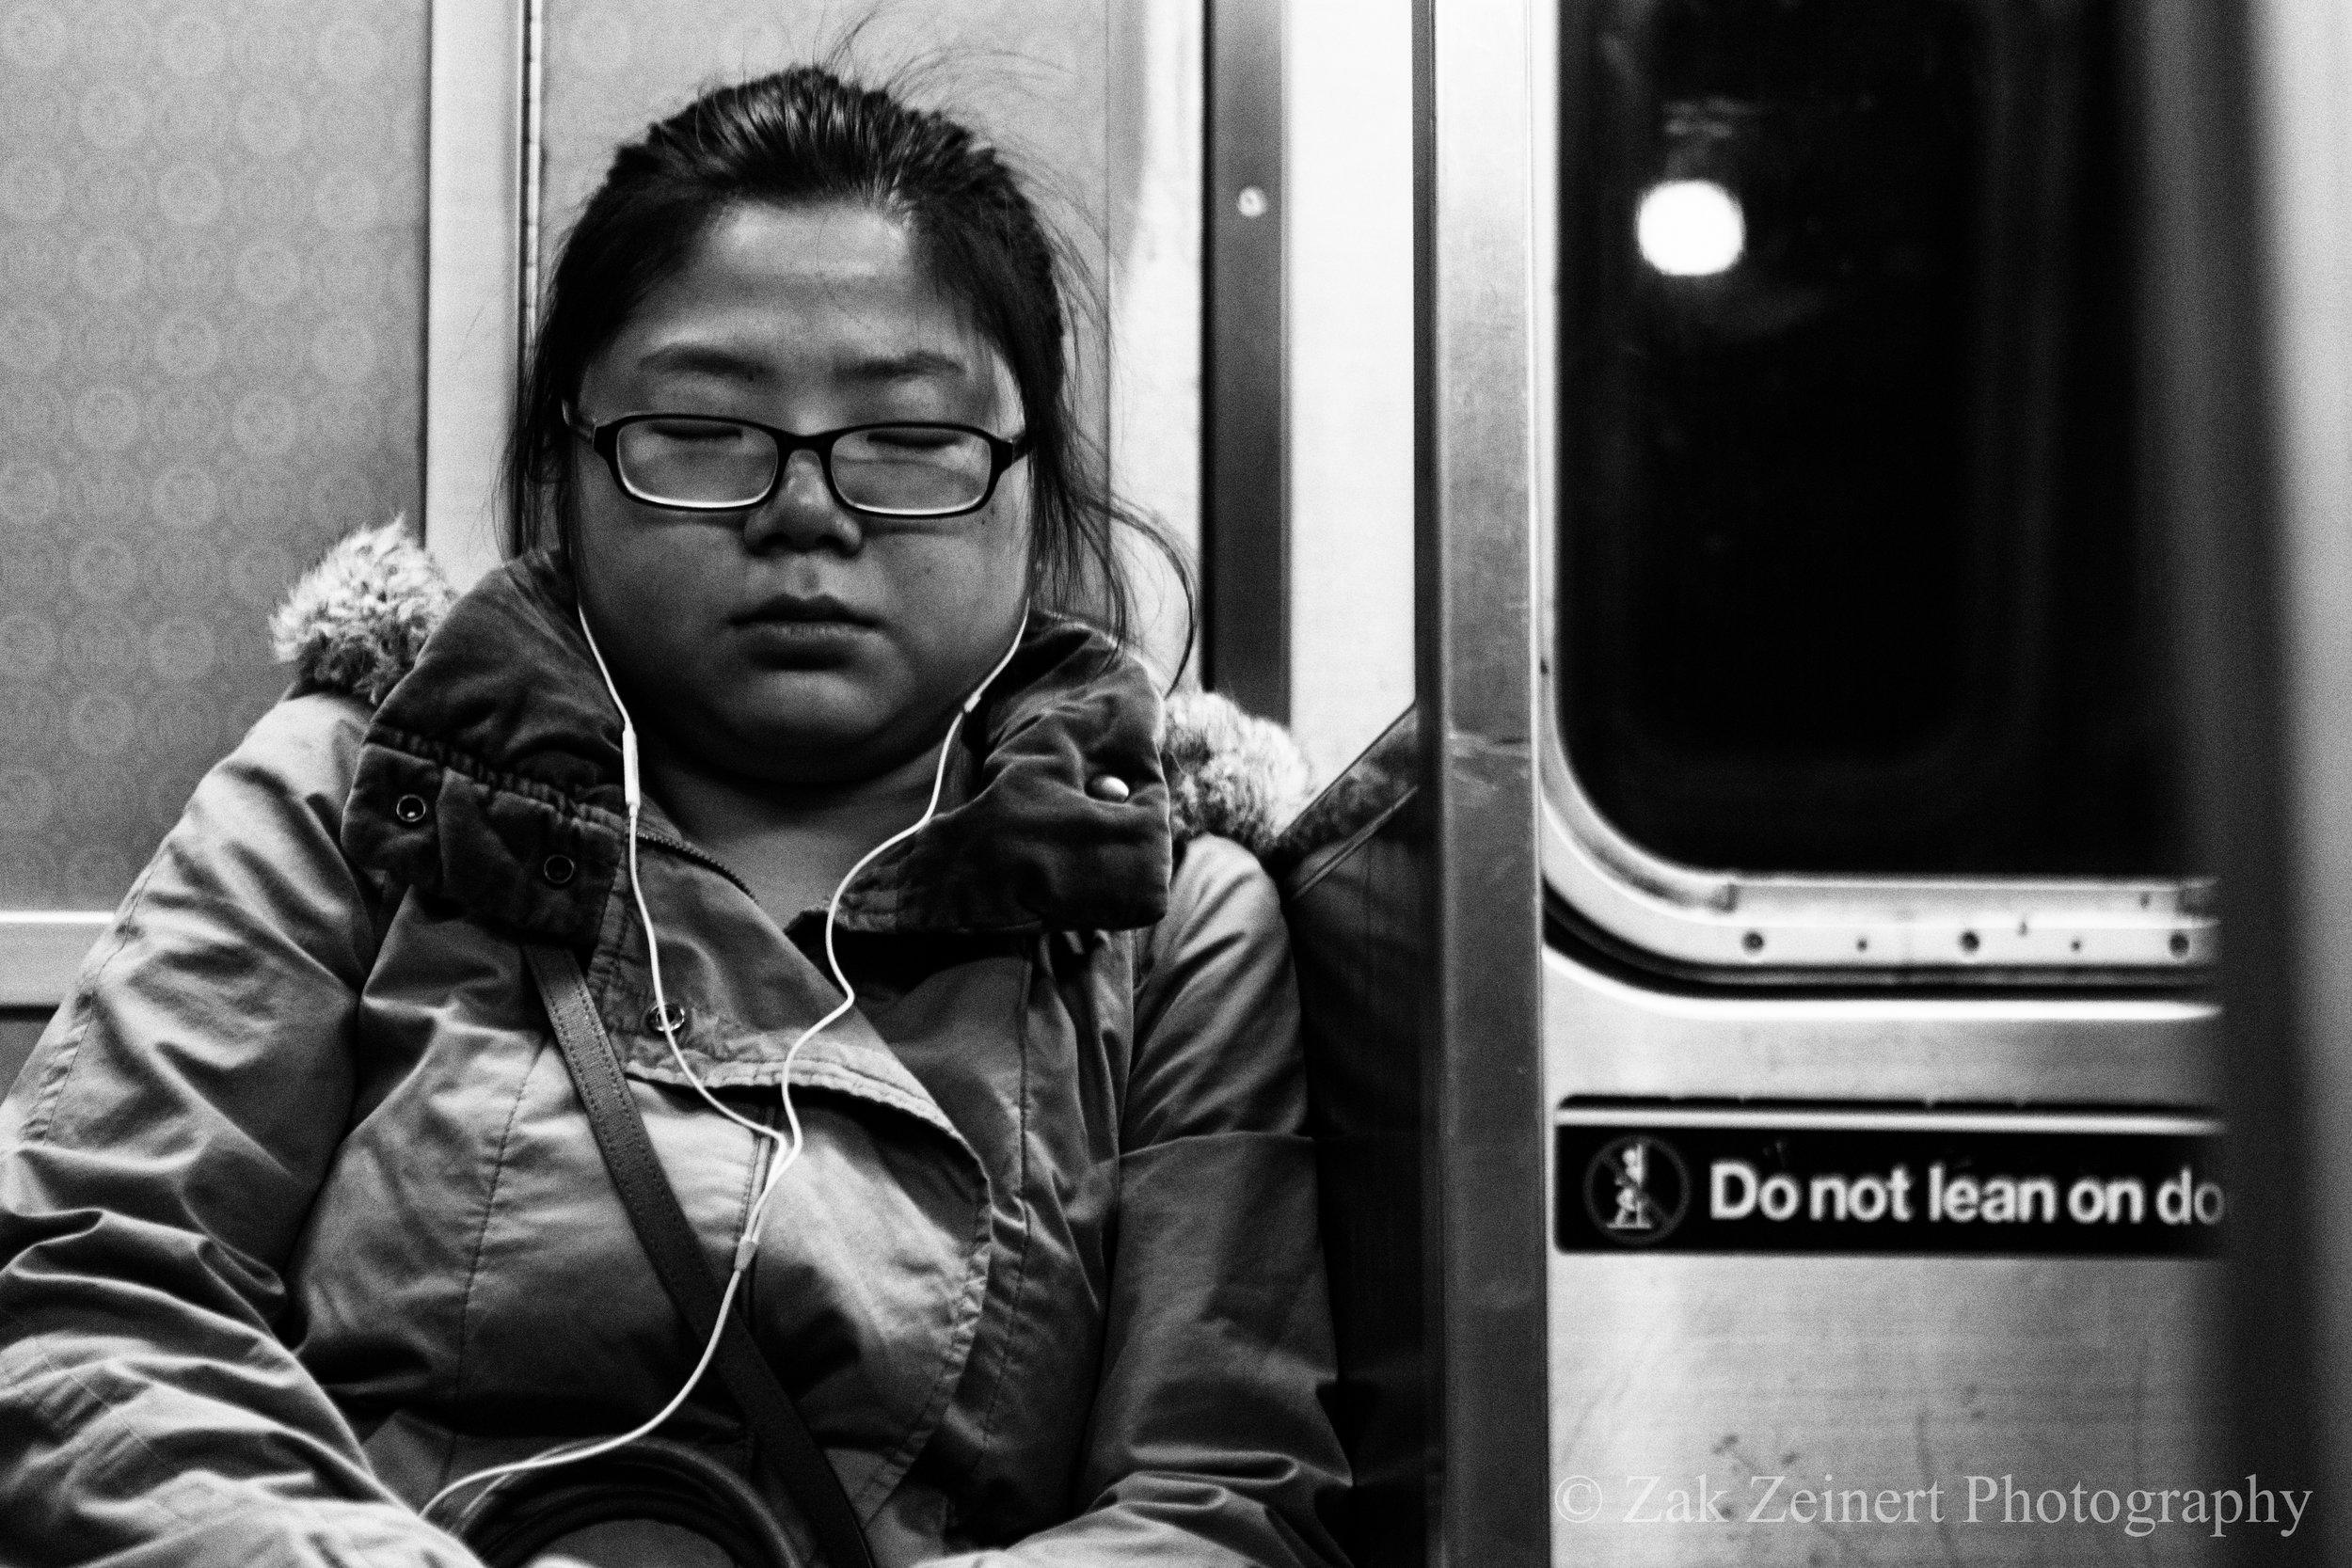 Girl sleeping on the subway